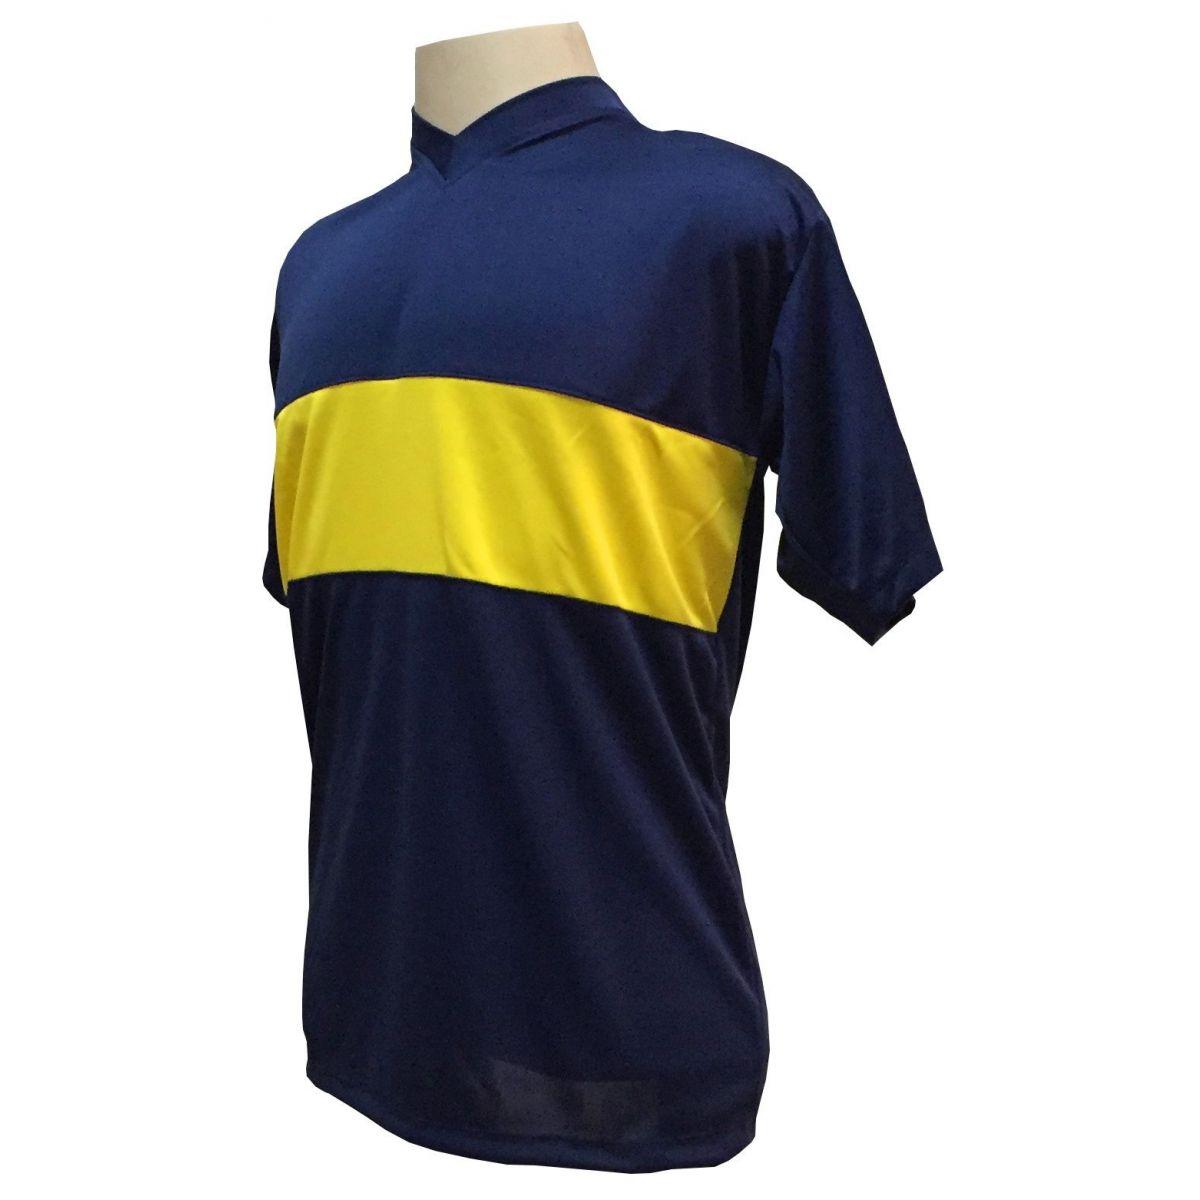 Uniforme Esportivo com 14 camisas modelo Boca Juniors Marinho/Amarelo + 14 calções modelo Madrid Marinho + 14 pares de meiões Marinho